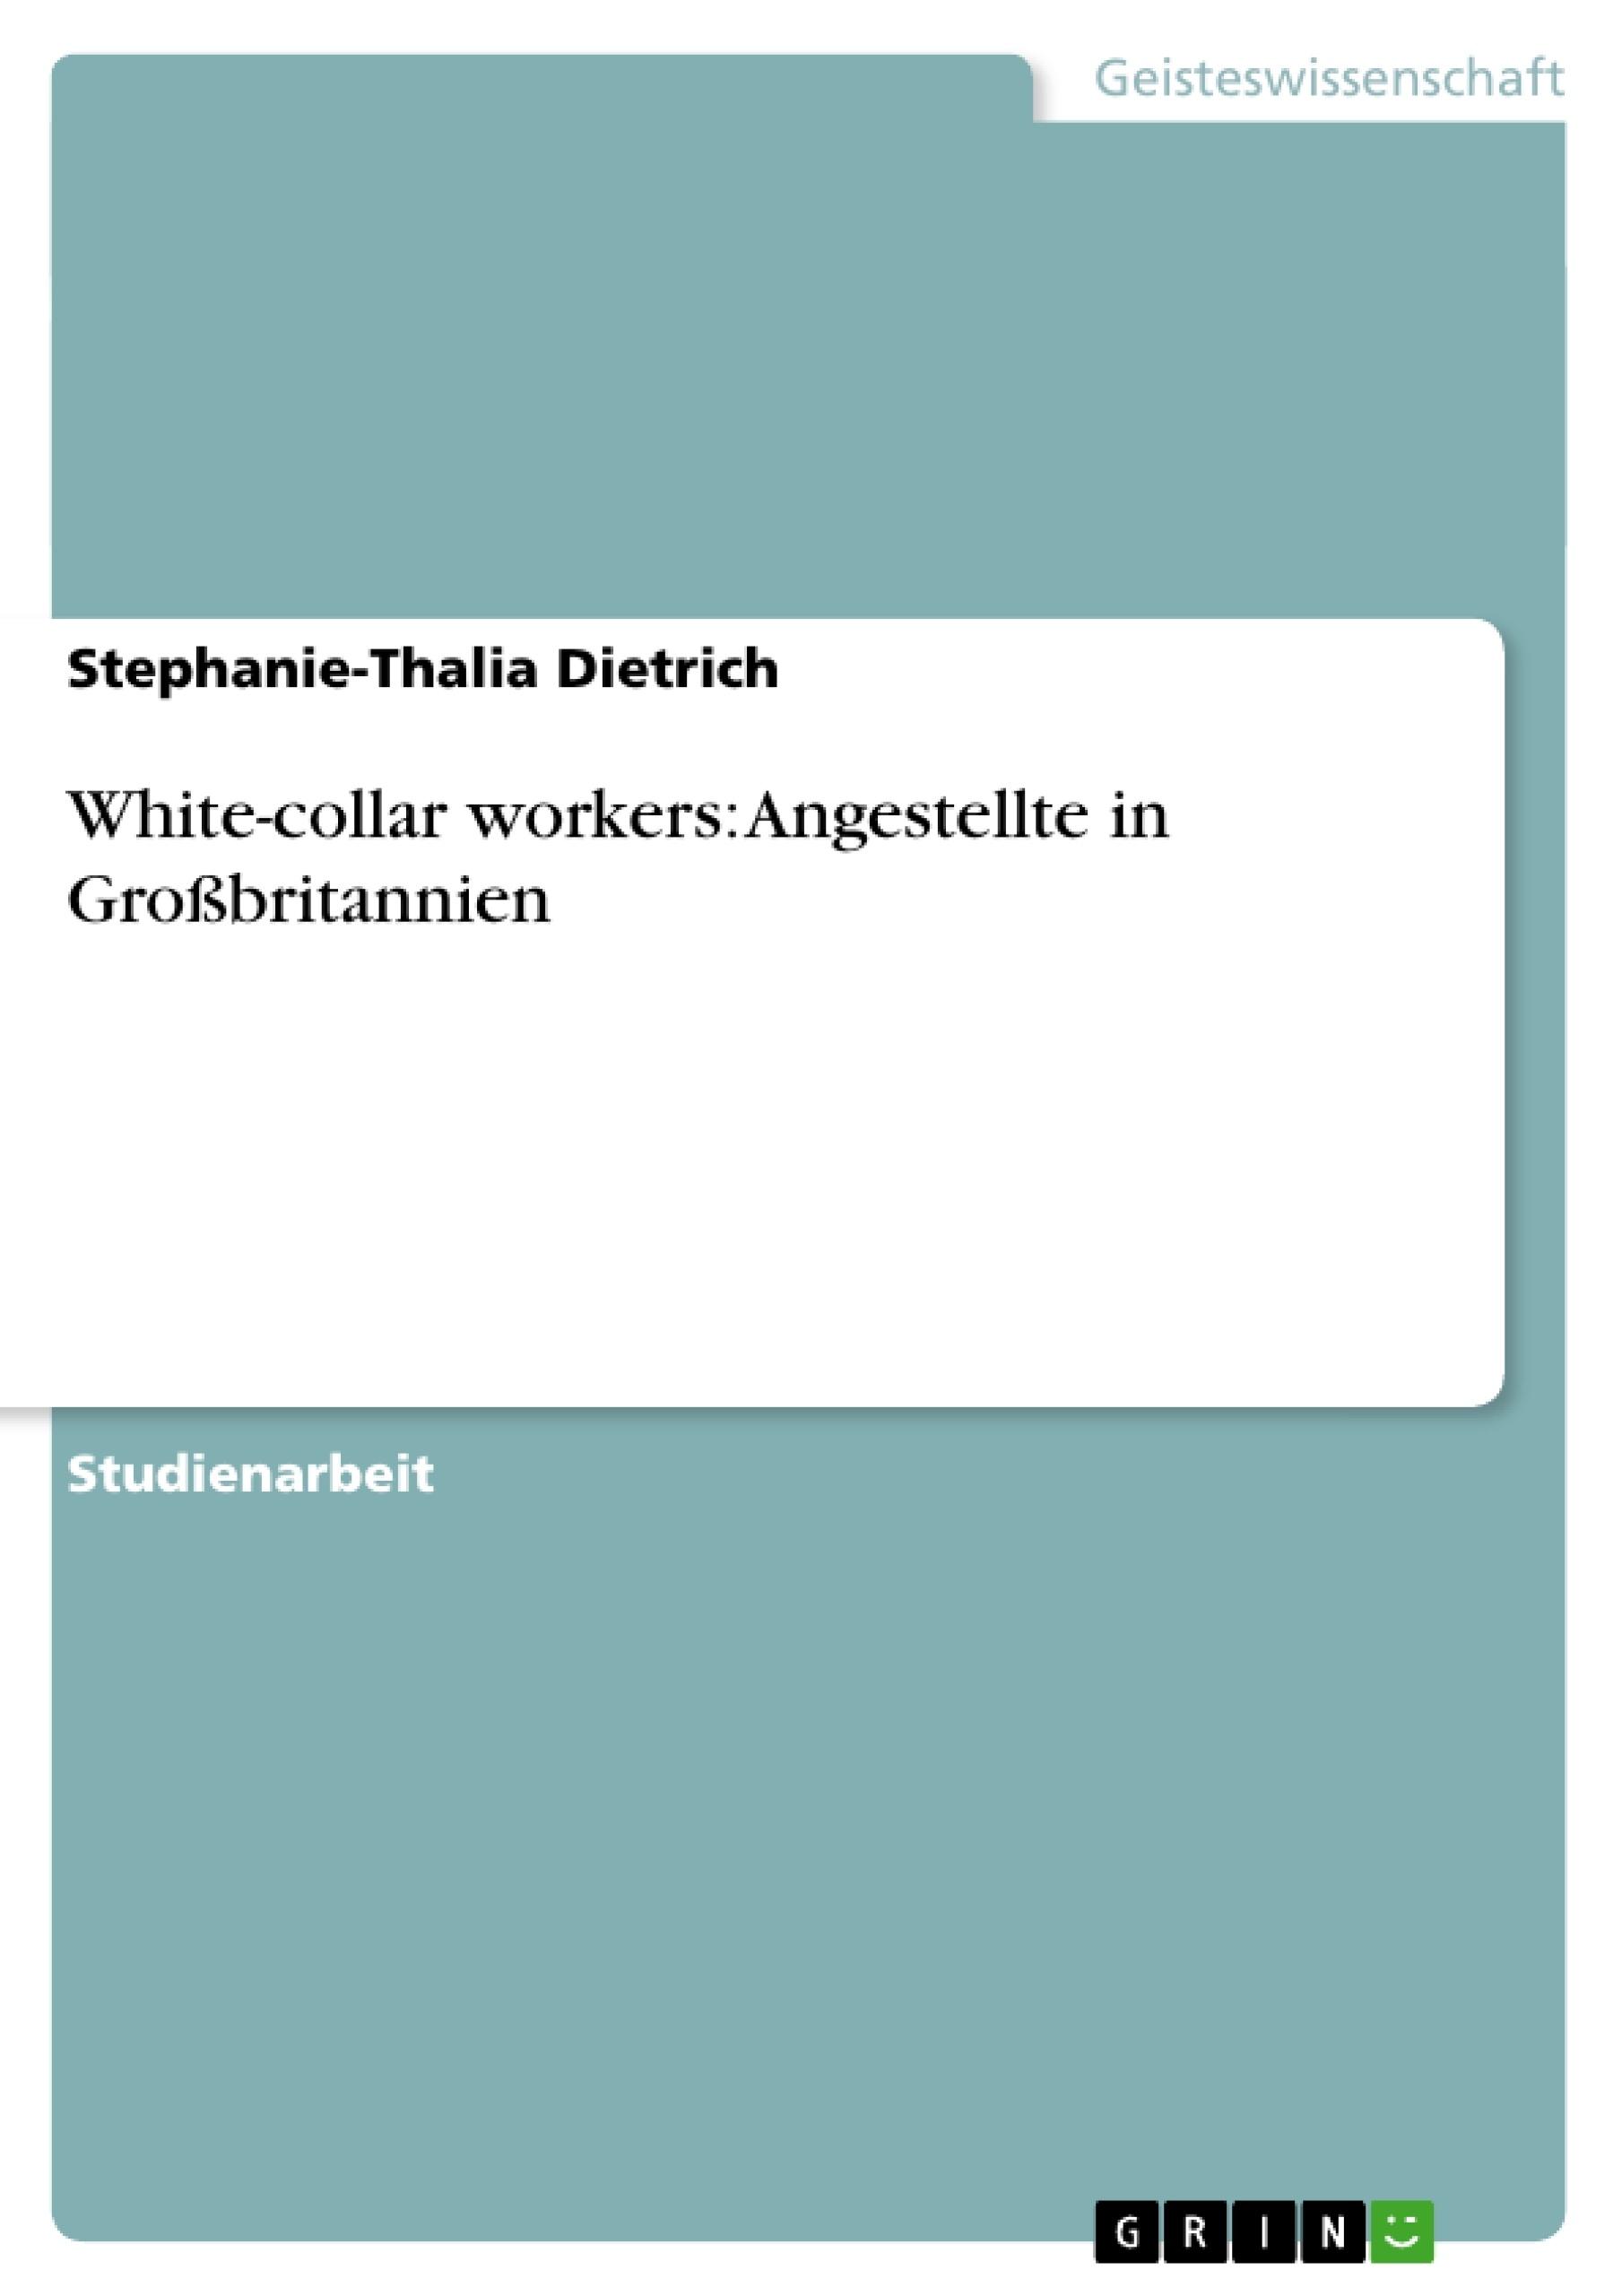 Titel: White-collar workers: Angestellte in Großbritannien